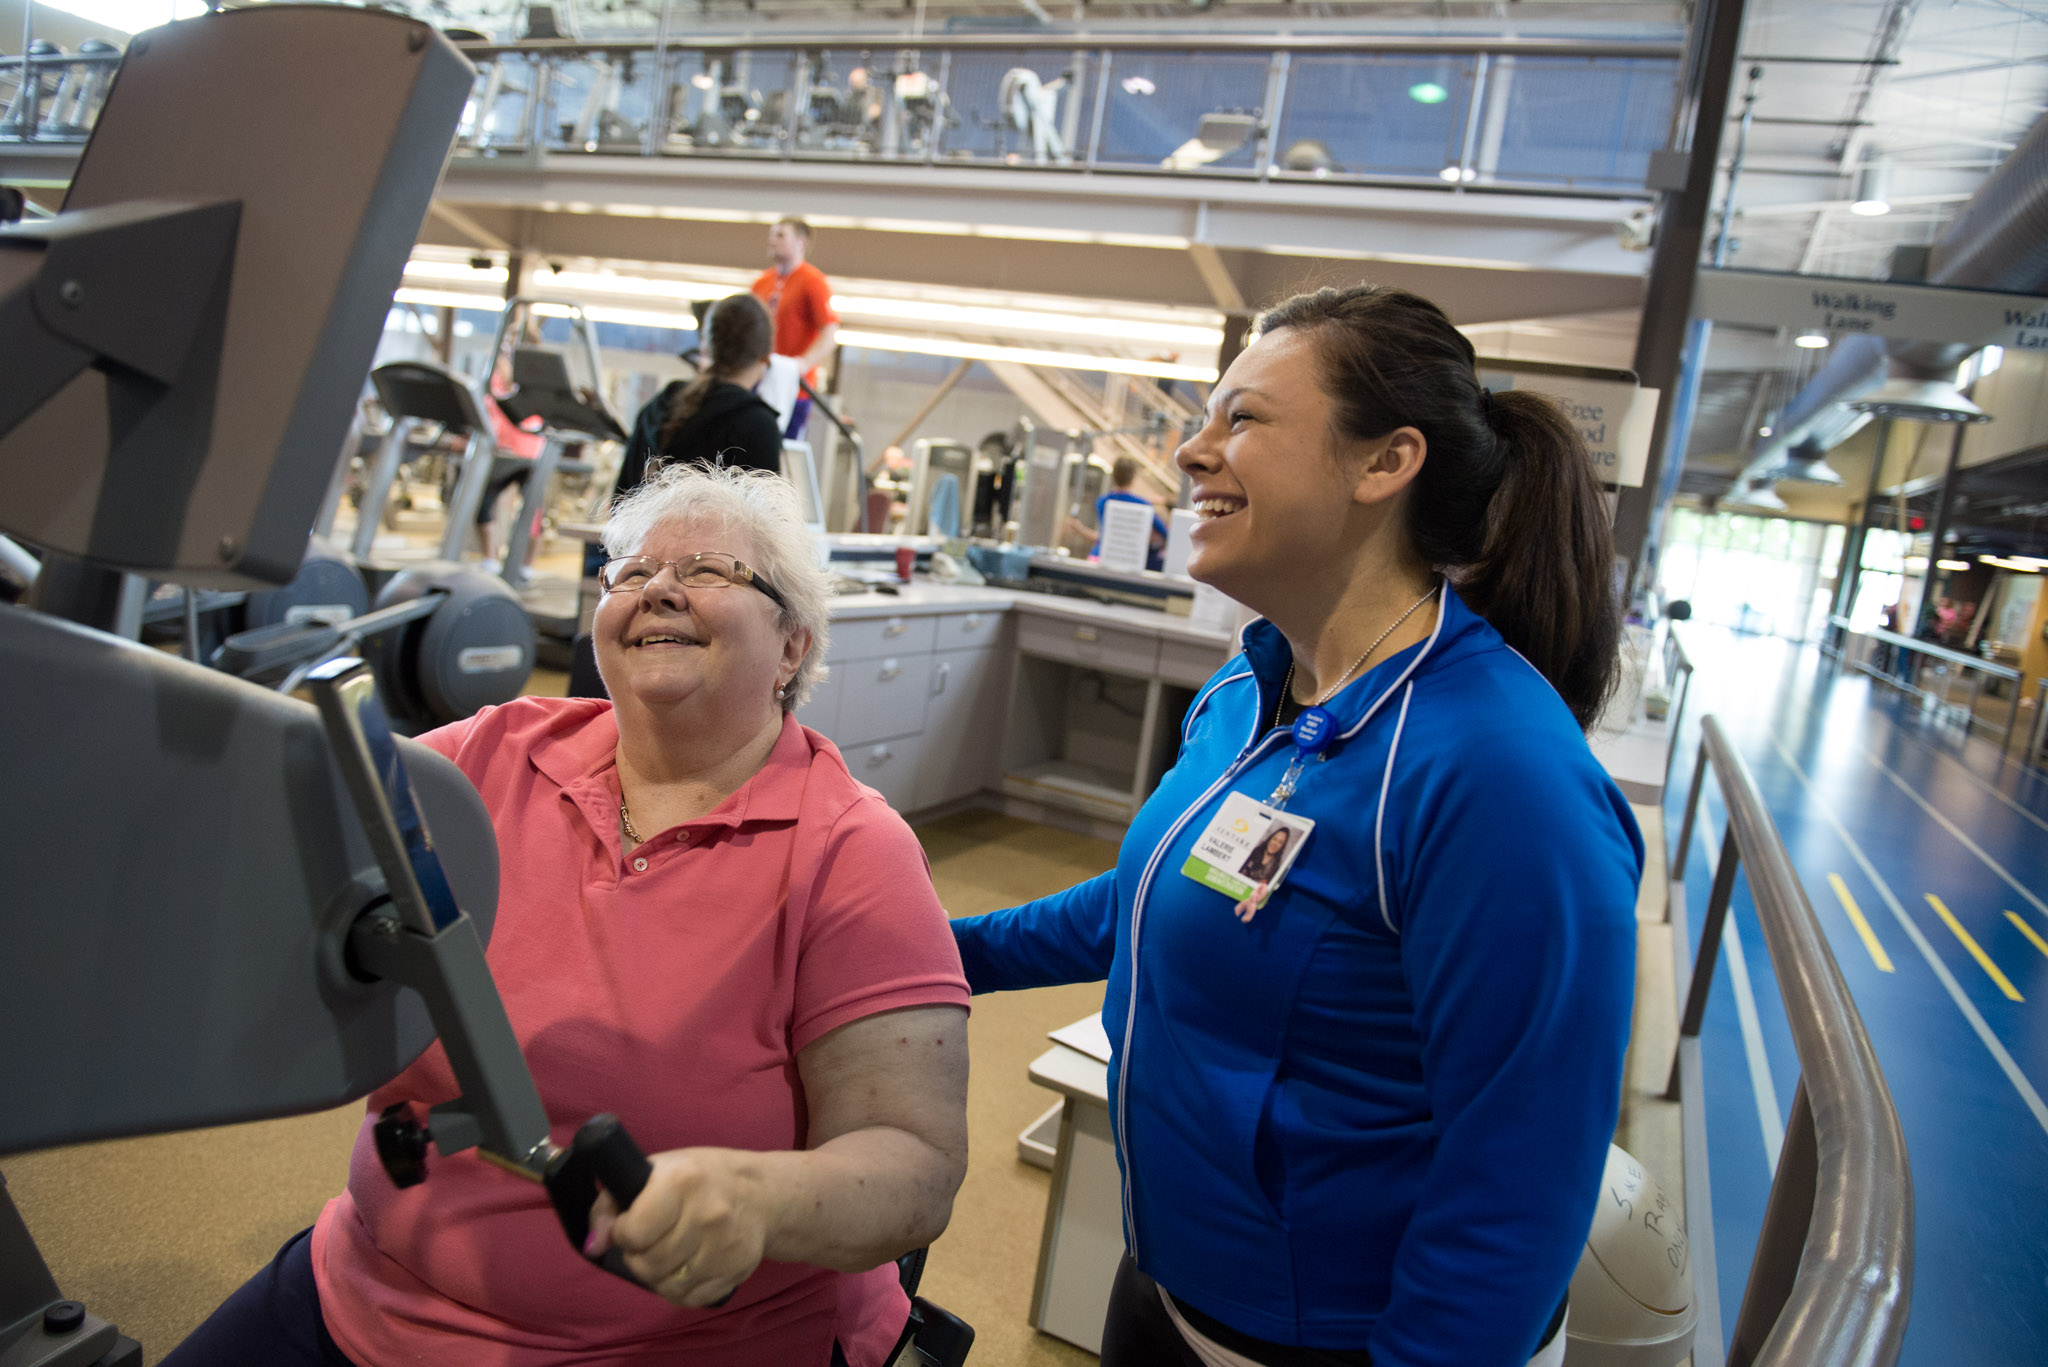 Wellness Center Stock Photos-1374.jpg